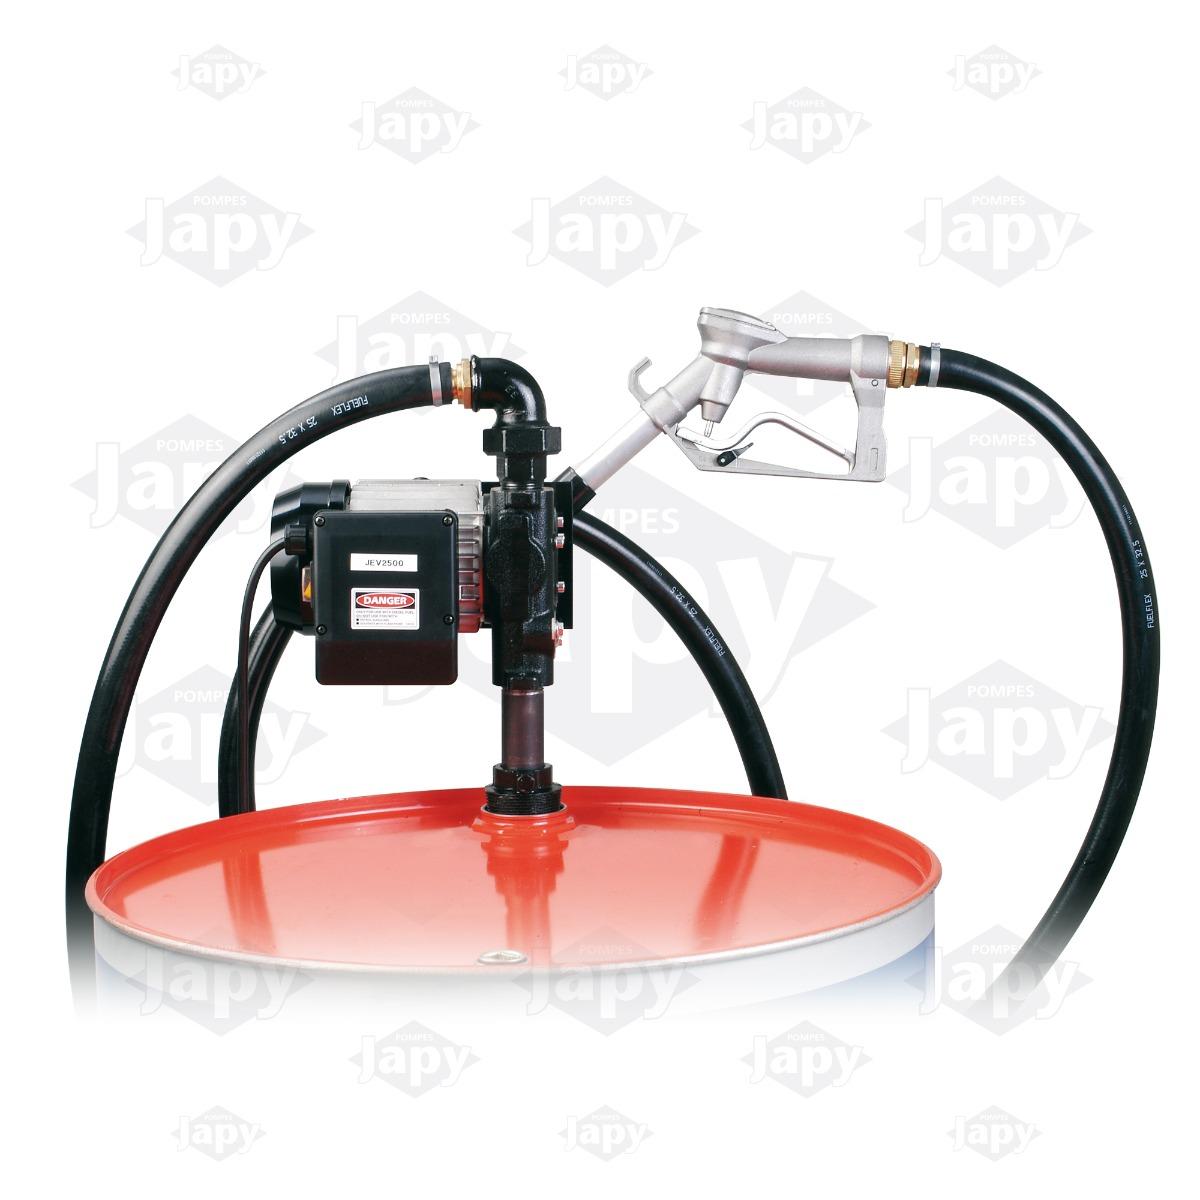 Moderne Pompe electrique vide-fut | Pompes Japy ER-84